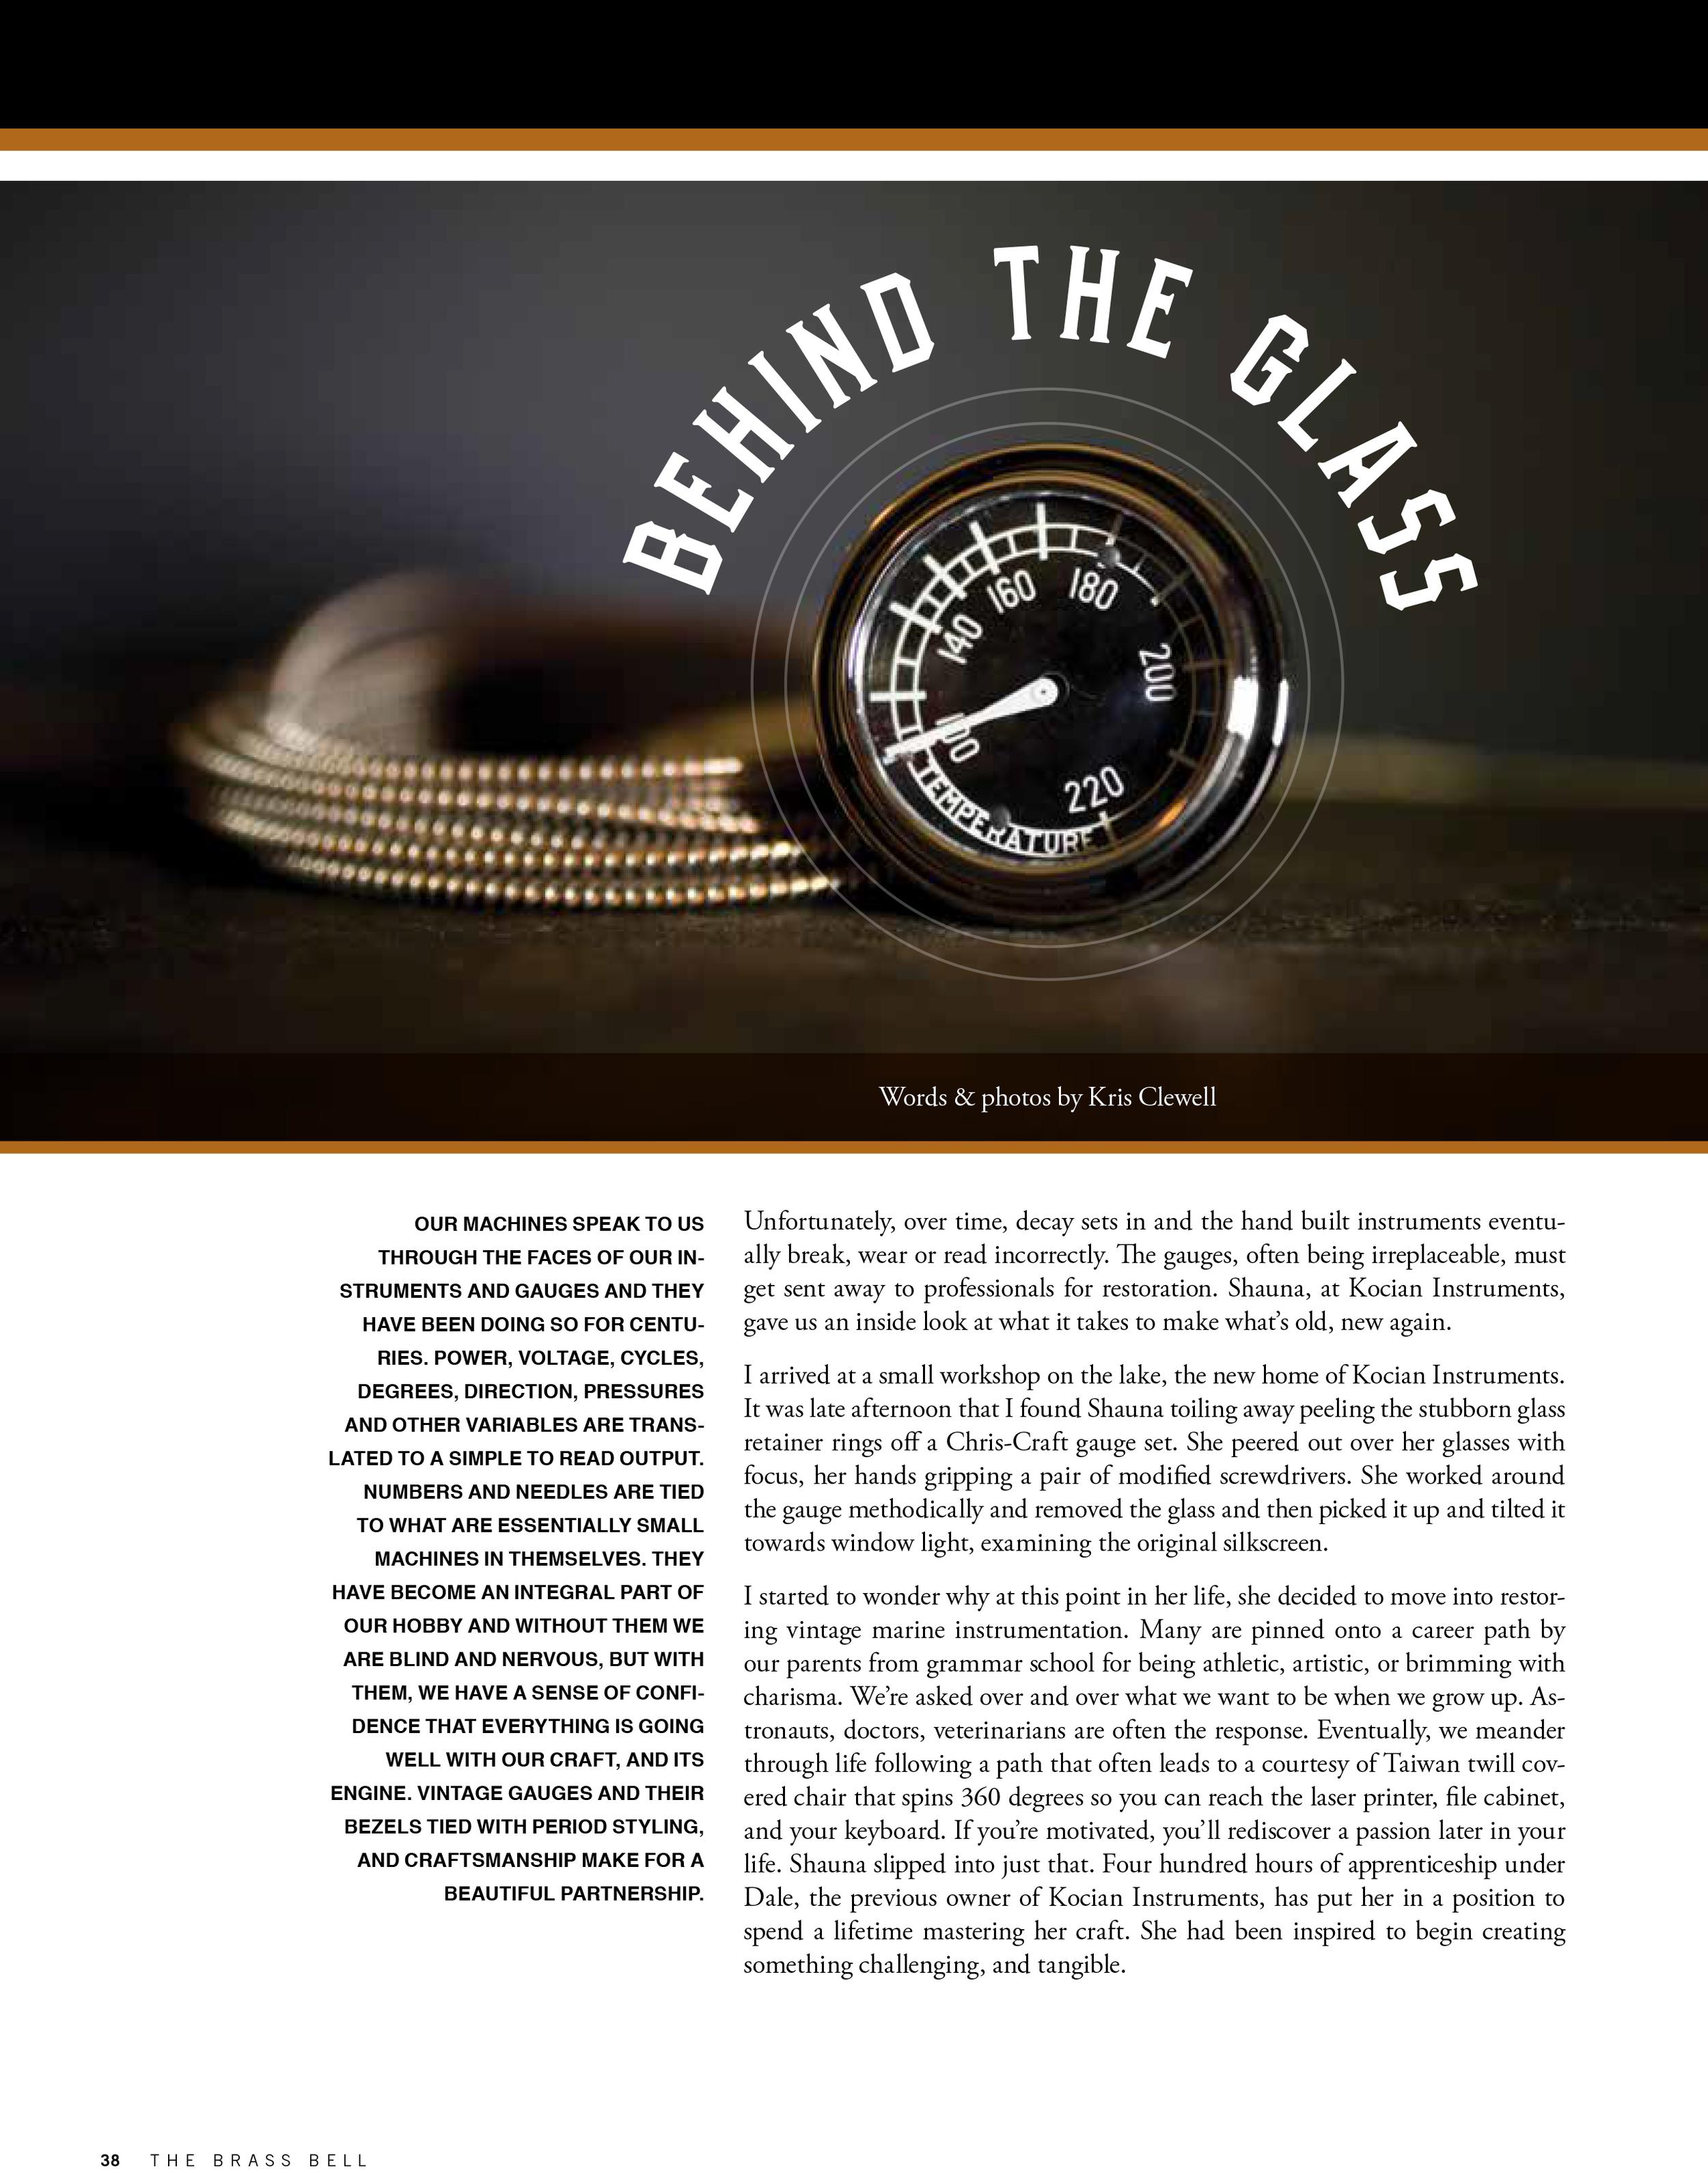 Brass Bell Kocian article-2.jpg